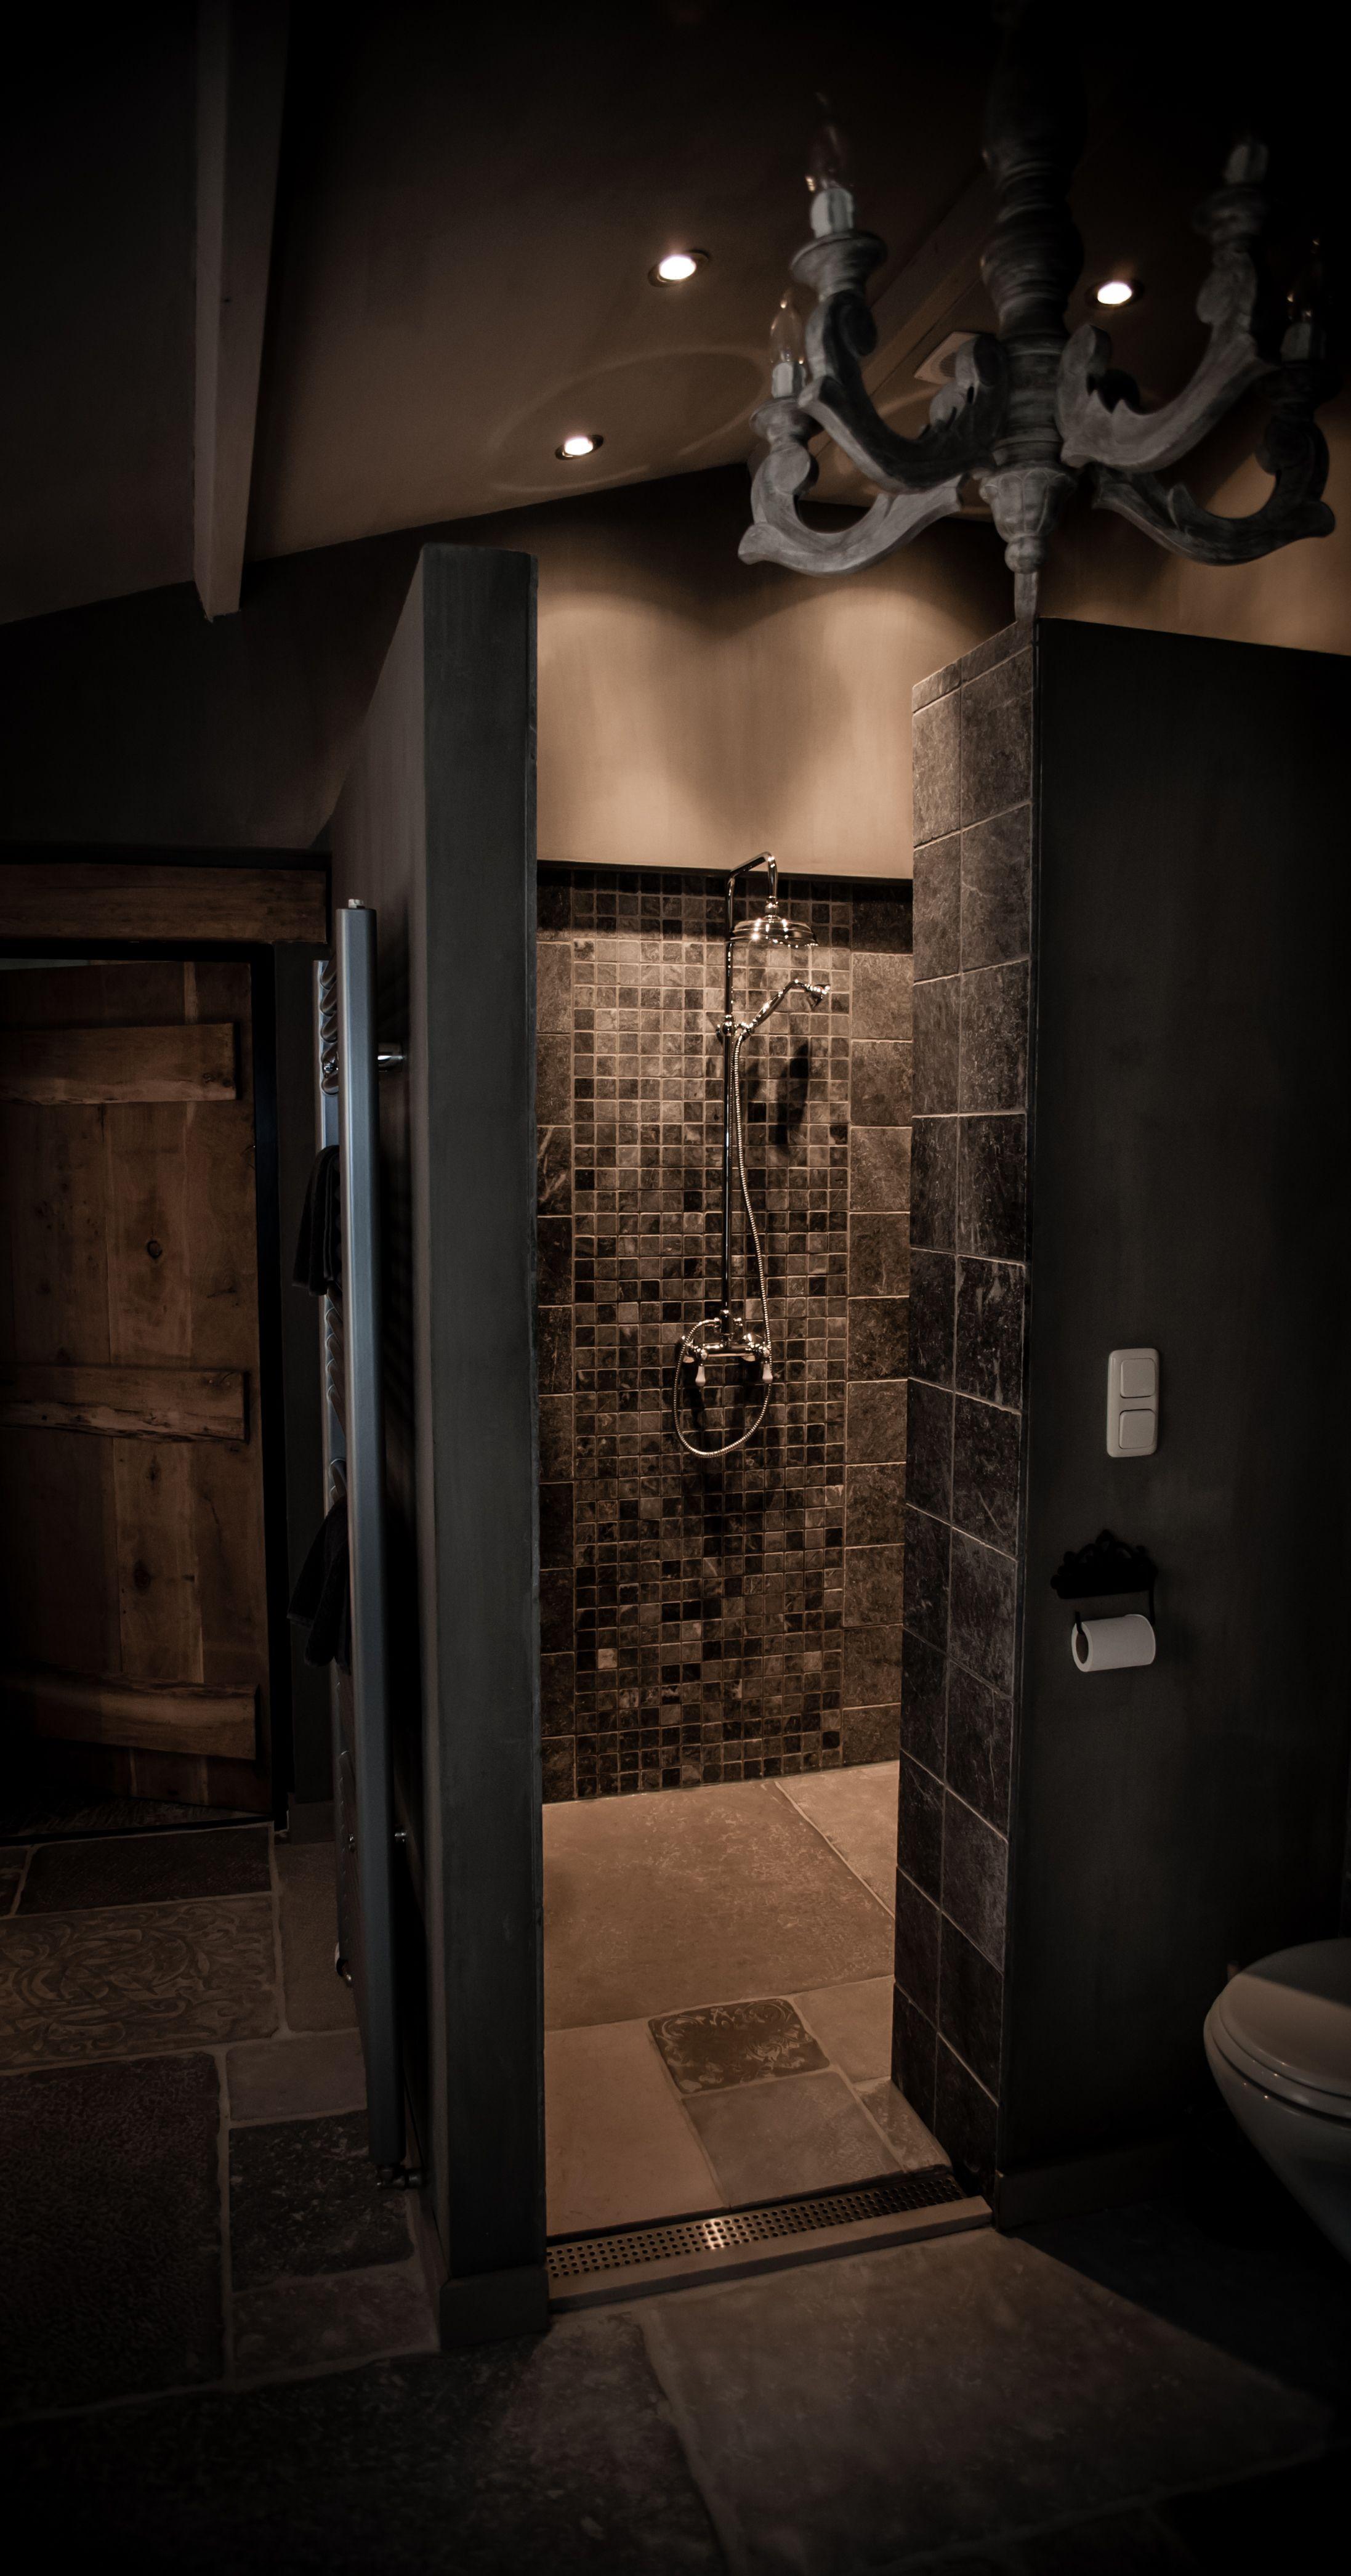 Landelijke badkamer met een hoffz inrichting bathroom pinterest bathroom inspiration - Badkamer donker ...